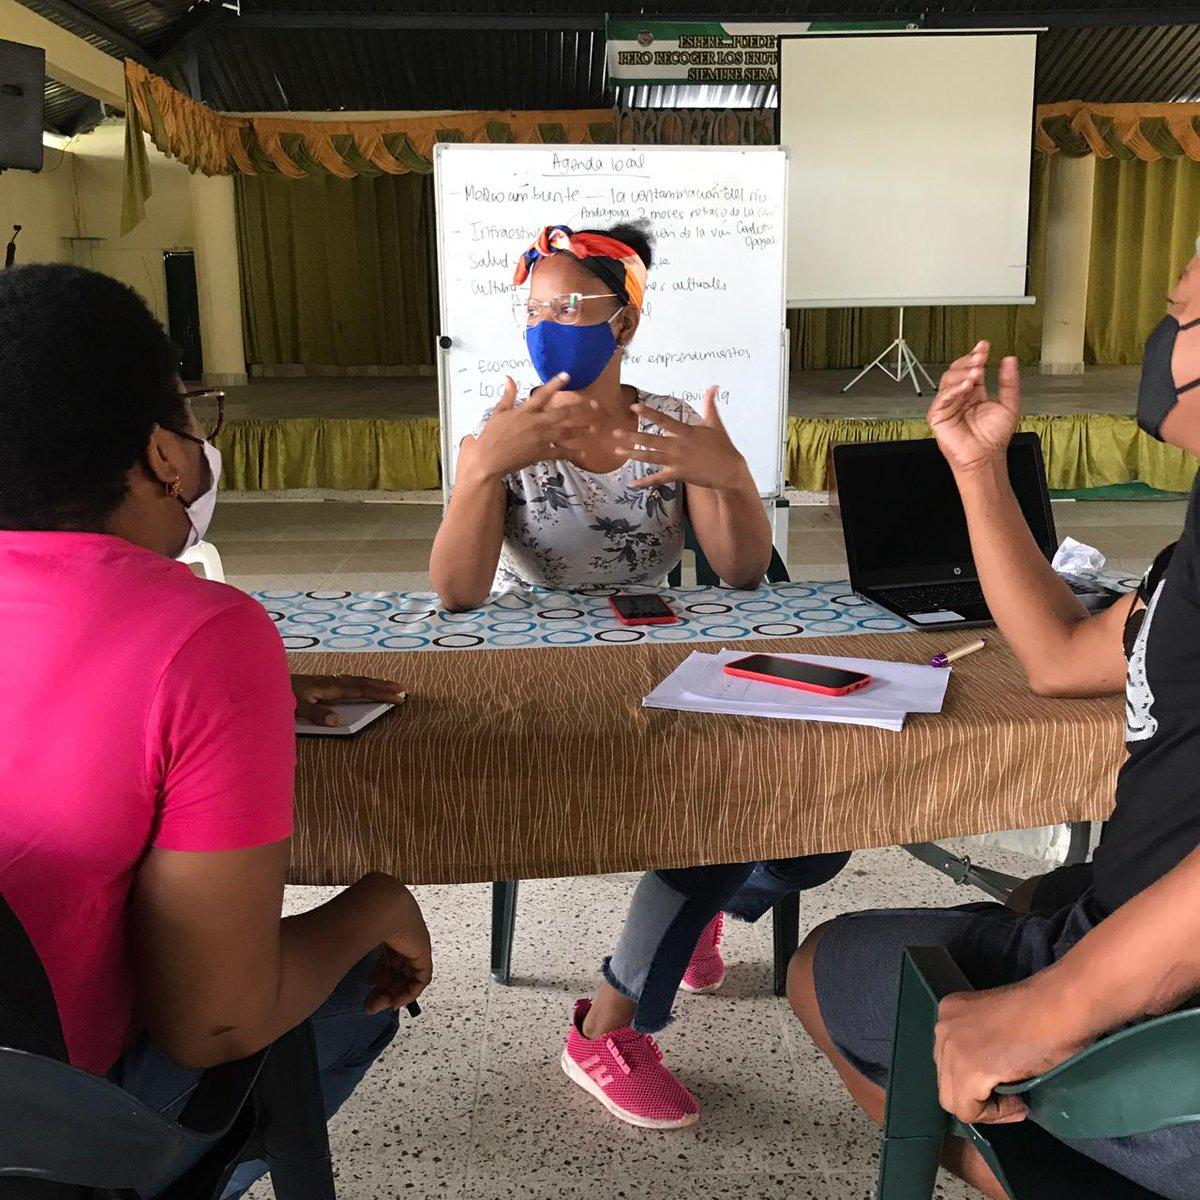 📍En Condoto, Chocó, los y las participantes de #Consonante hicieron parte de un diplomado semivirtual desde finales de octubre hasta diciembre del año pasado.  Entre muchos temas, aprendieron a crear contenidos periodísticos digitales y para redes.📹🤳🏼  #ExperimentosConsonante.